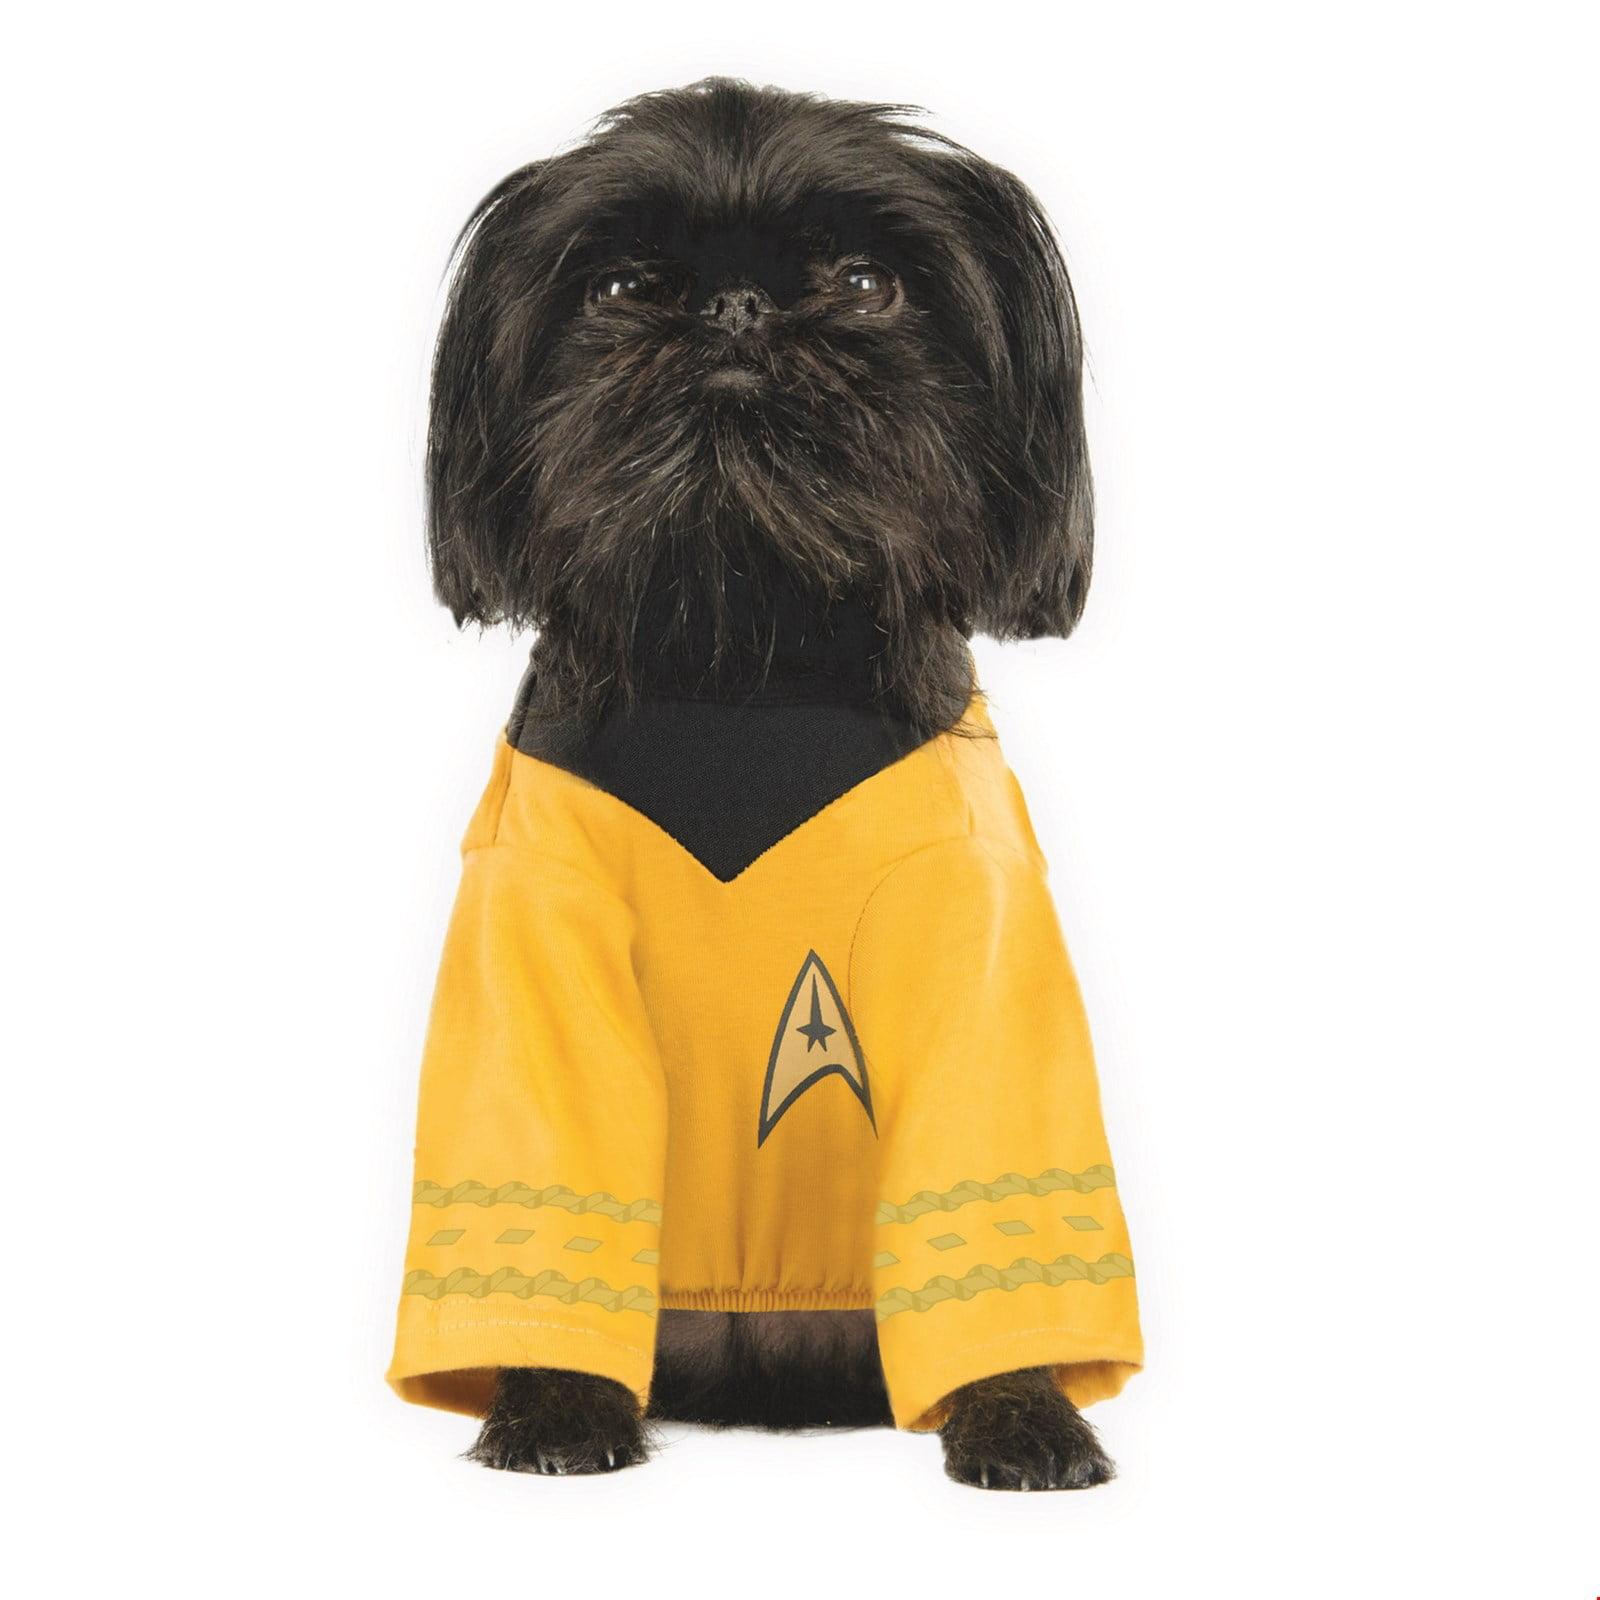 Star Trek Pet Captain Kirk Halloween Costume